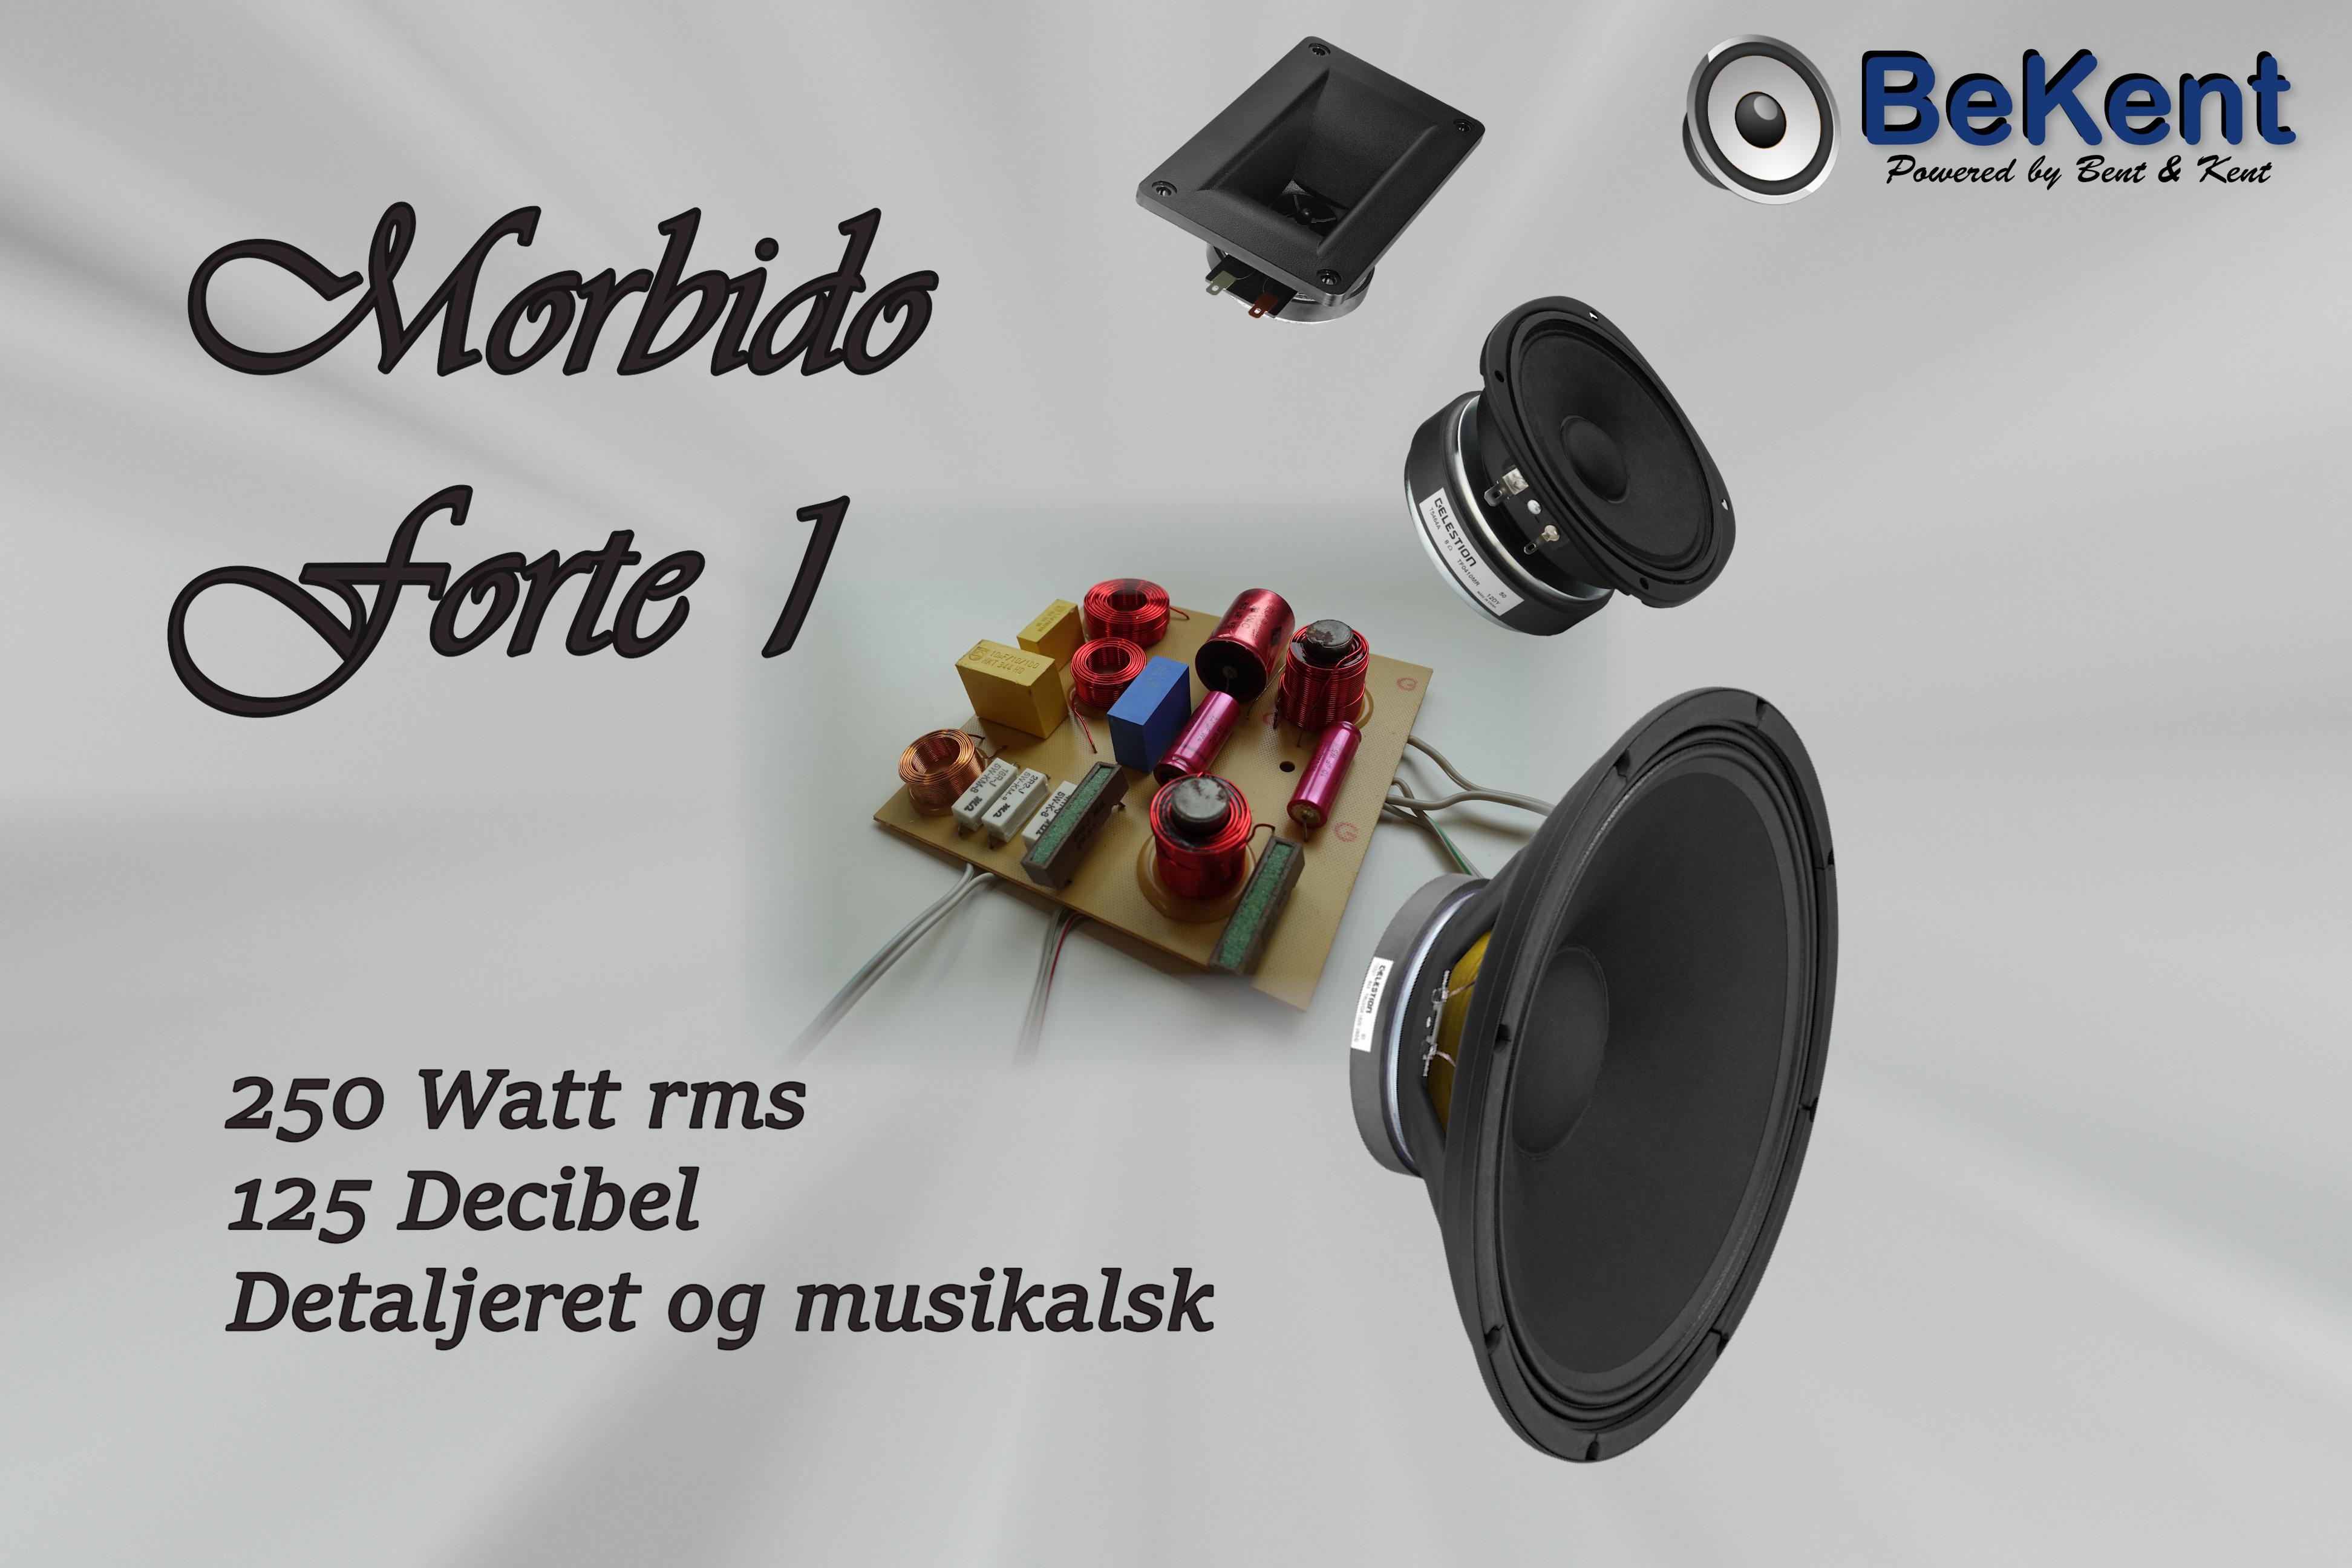 Morbido Forte 1 højttaler system forslag thumbnail